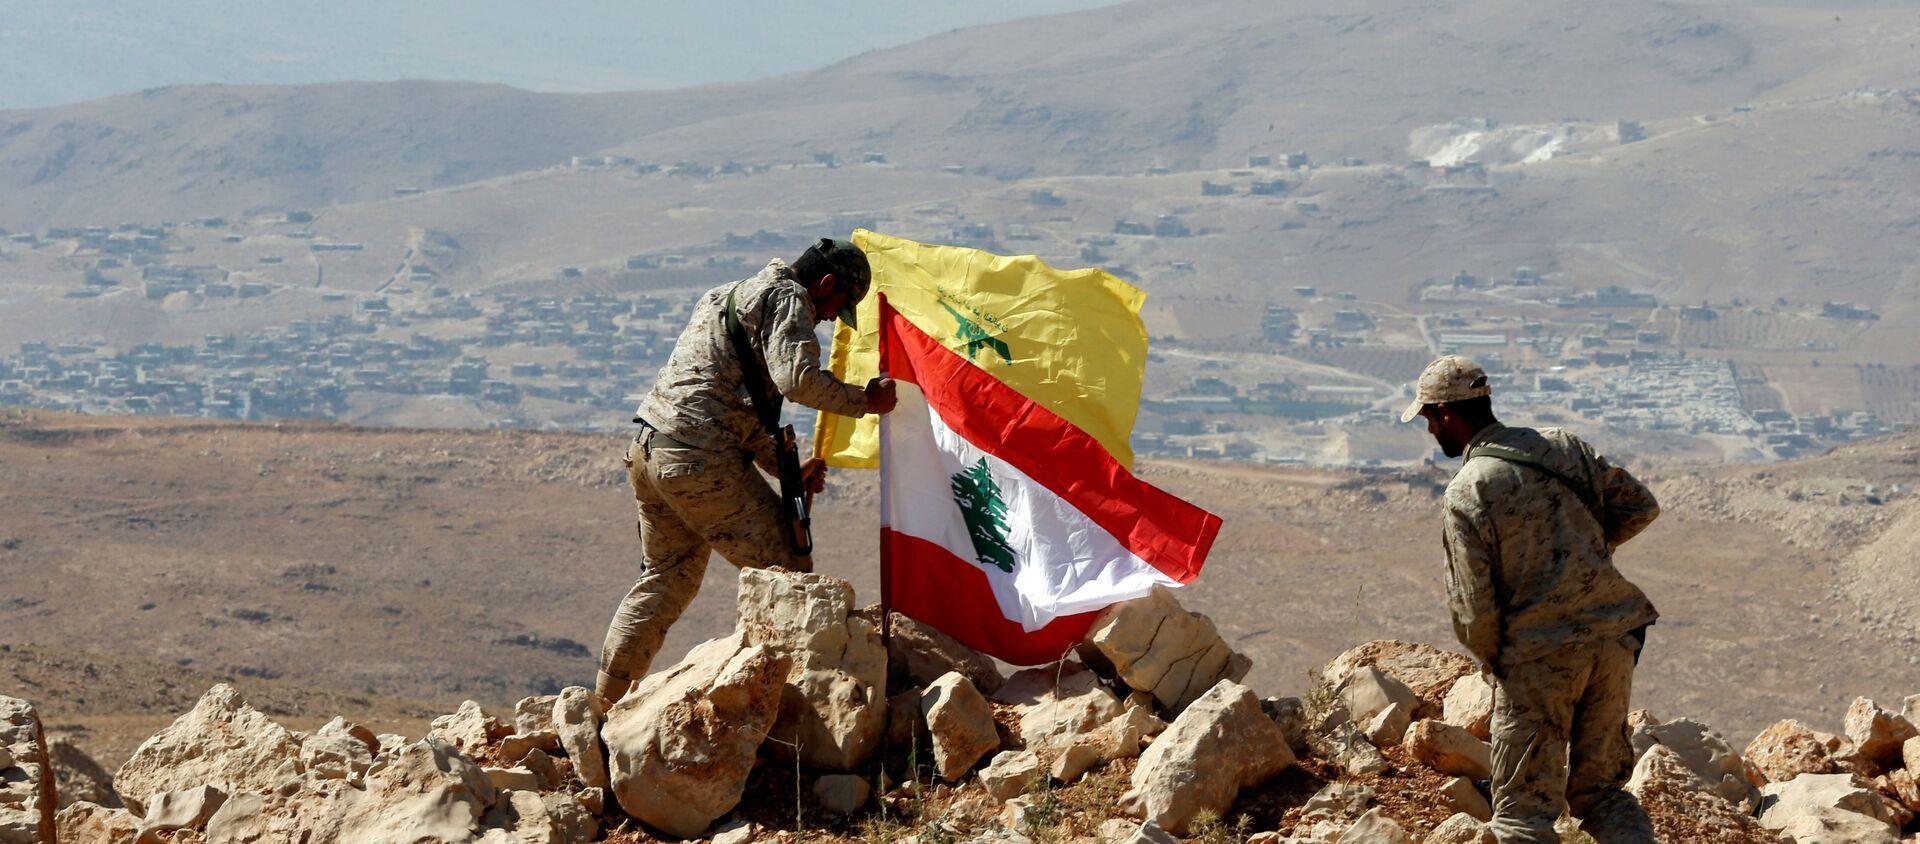 Los militares instalan las banderas de Hizbulá y Líbano en la frontera sirio-libanesa - Sputnik France, 1920, 17.06.2021